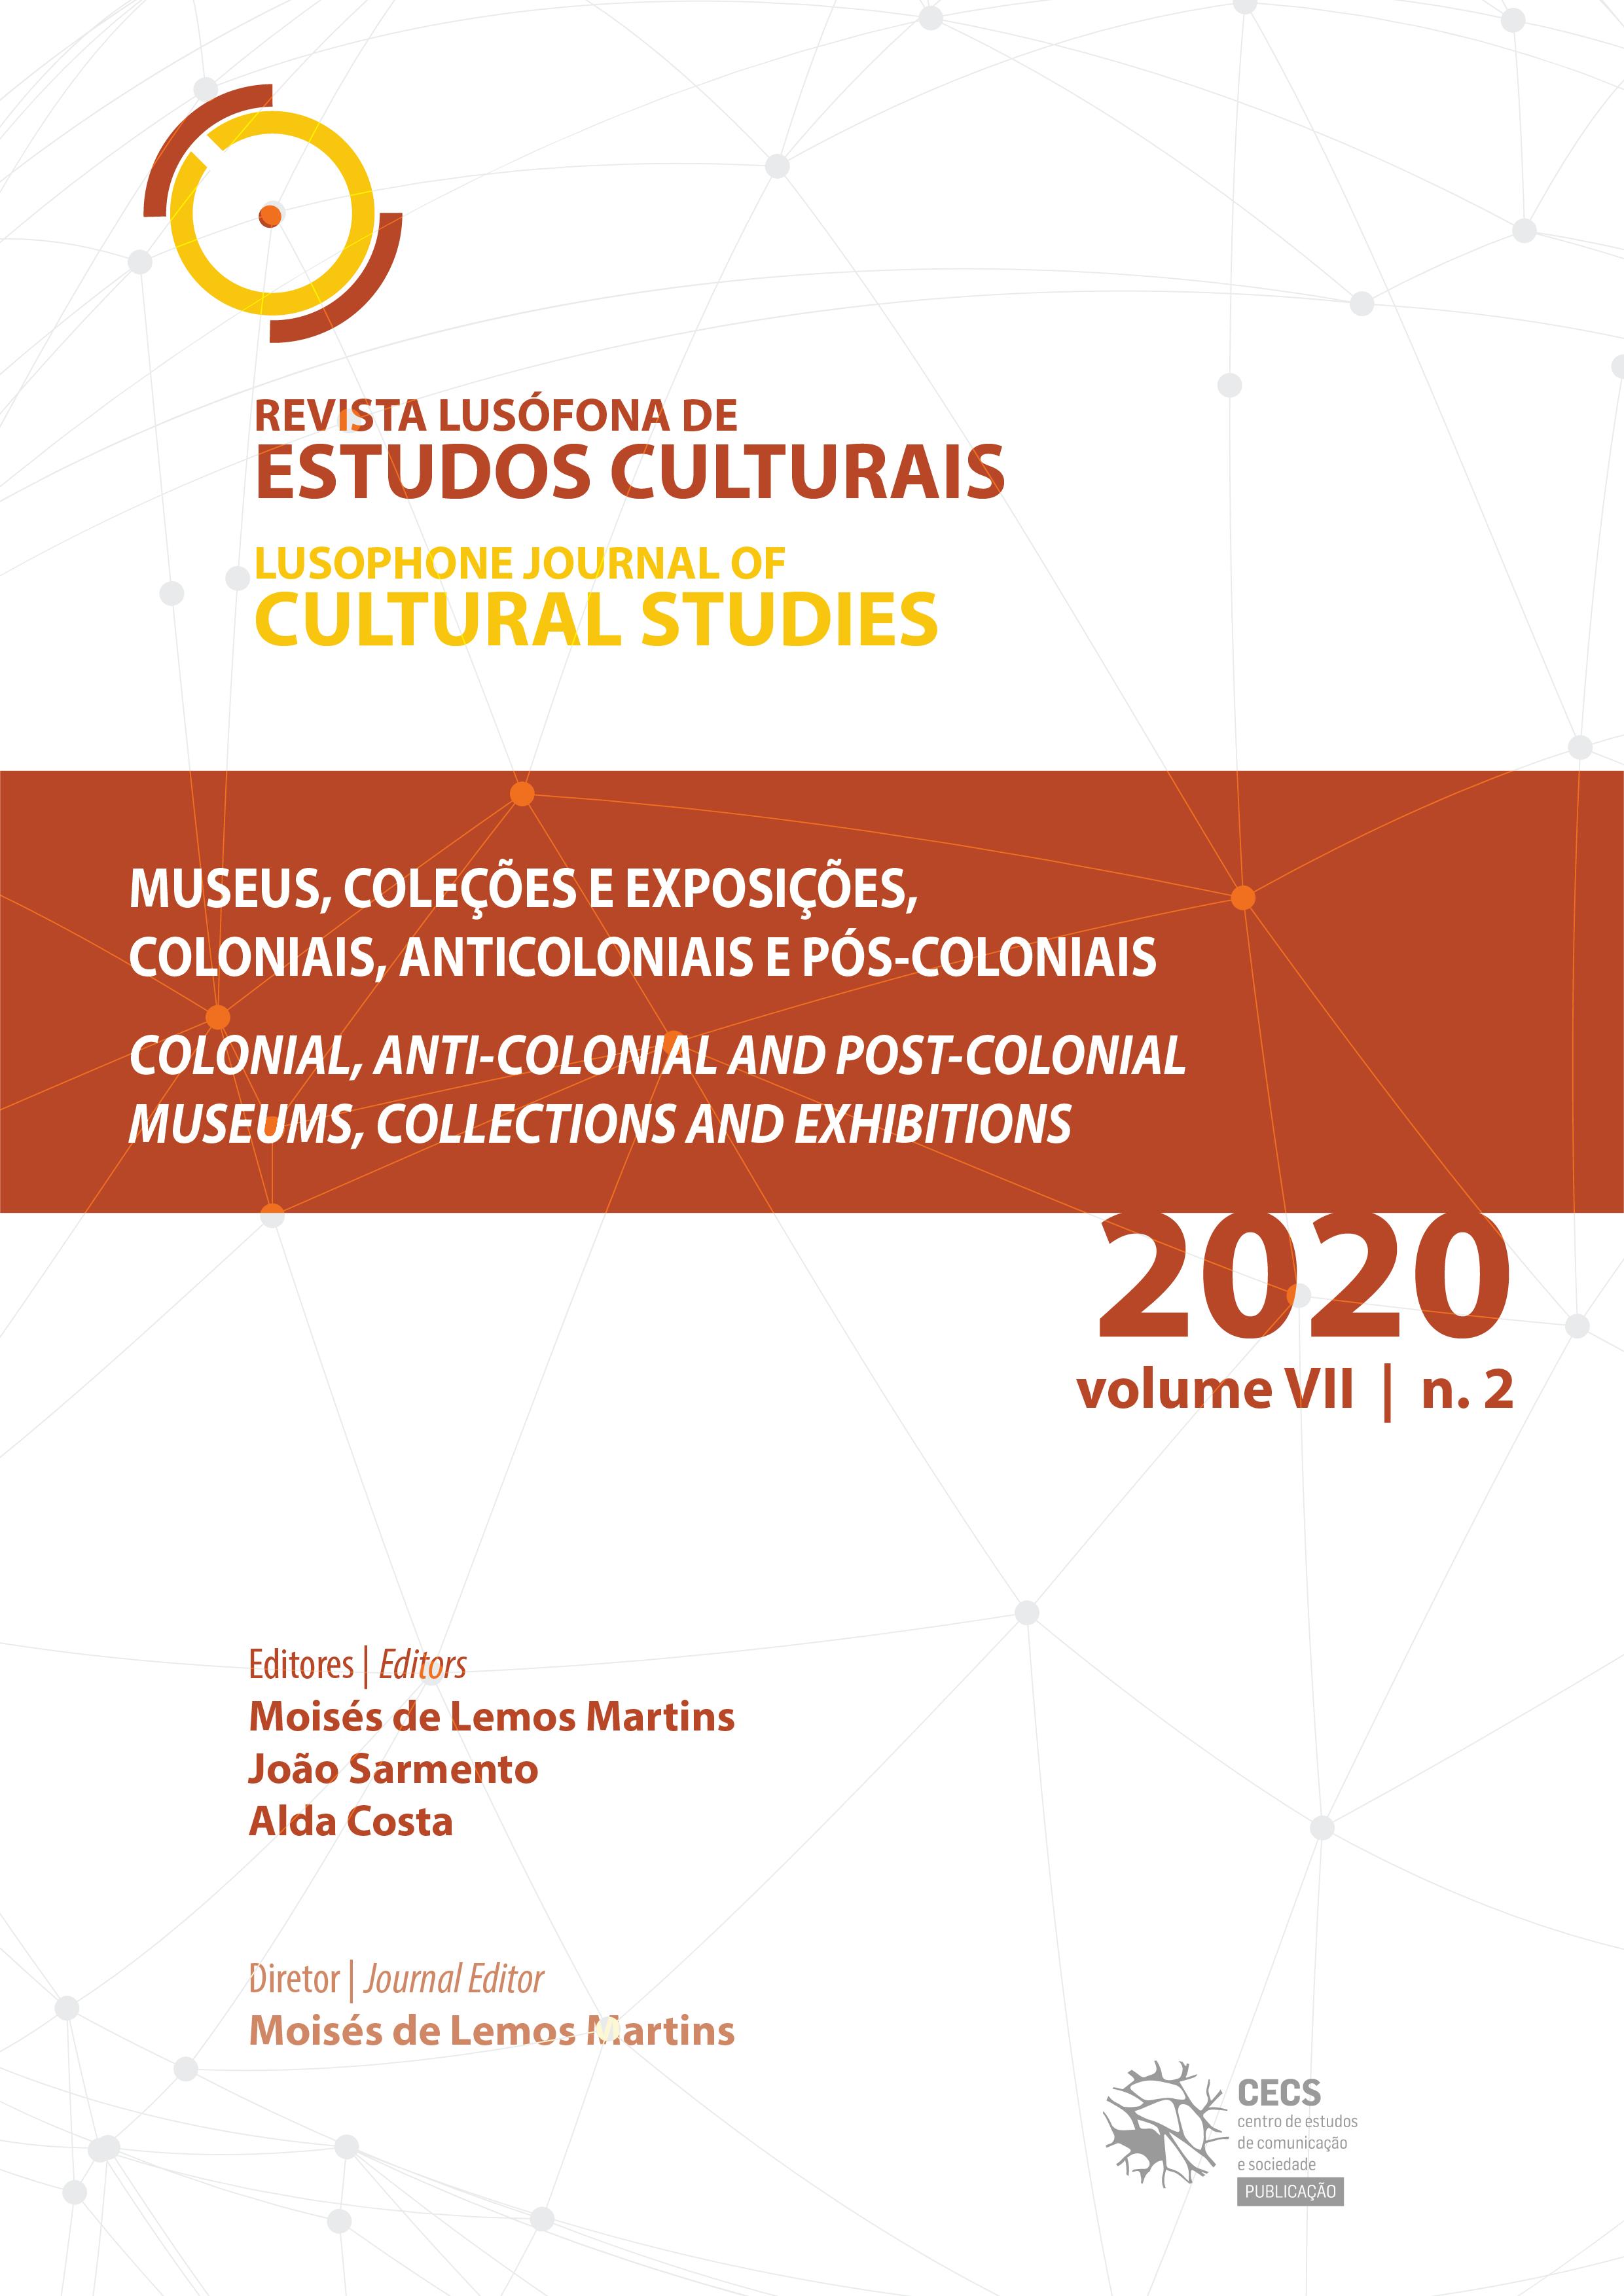 """Novo número da Revista Lusófona de Estudos Culturais sobre """"Museus, coleções e exposições, coloniais, anticoloniais e pós-coloniais"""""""